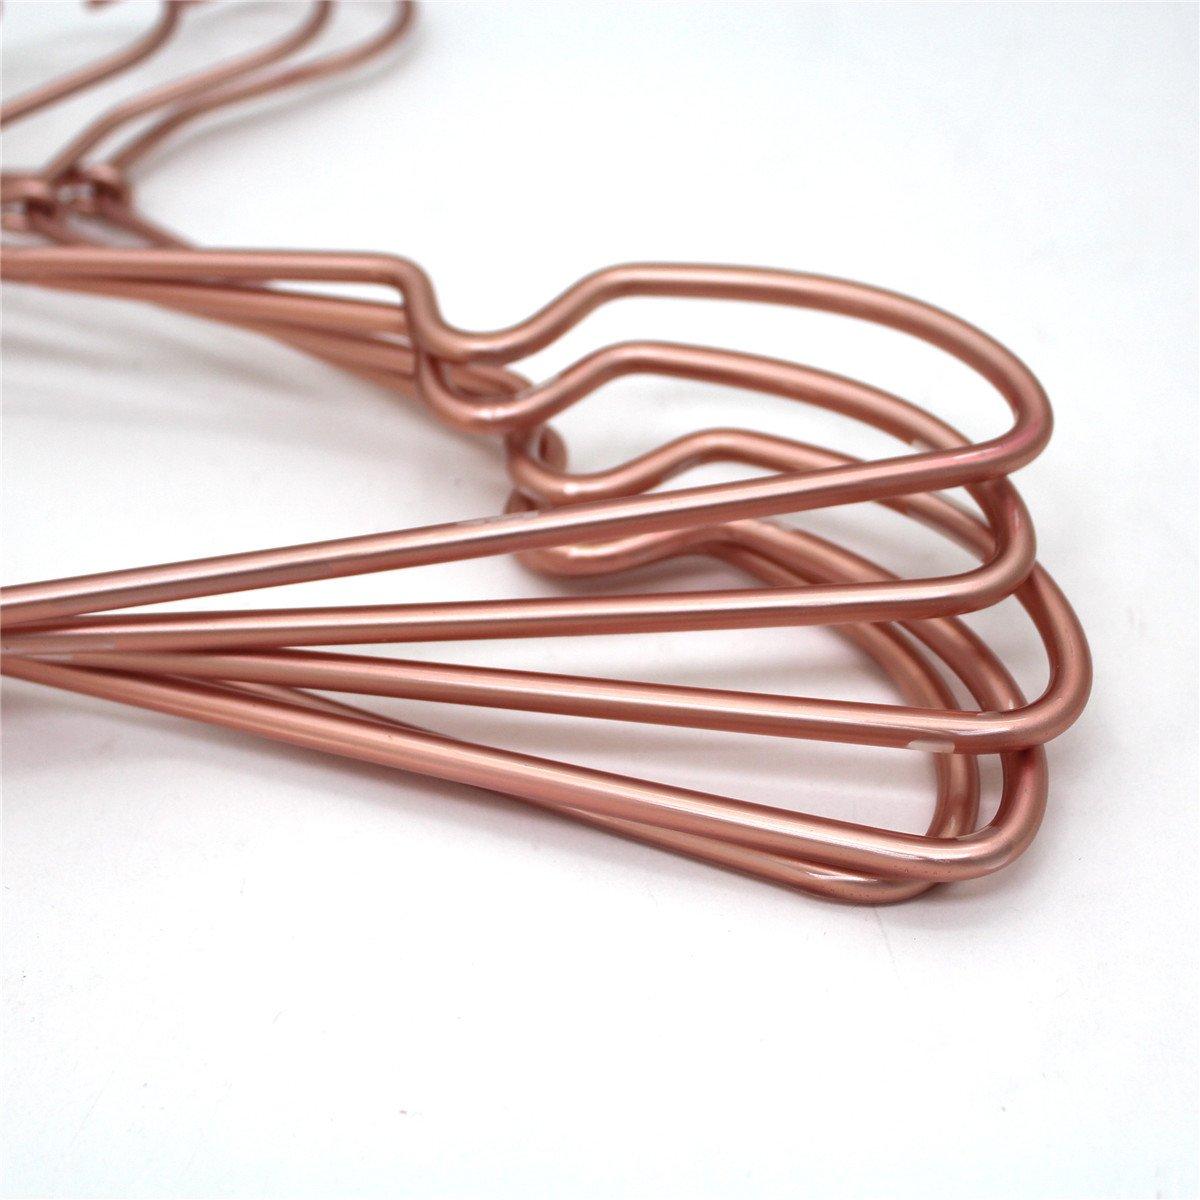 Abrigos Percha para Ropa de 17 Pulgadas para Adulto Metal Brillante Cobre Oro Rosa Perchas de Alambre para Camisas Almacenamiento y visualizaci/ón 30 PS//Lot Koobay